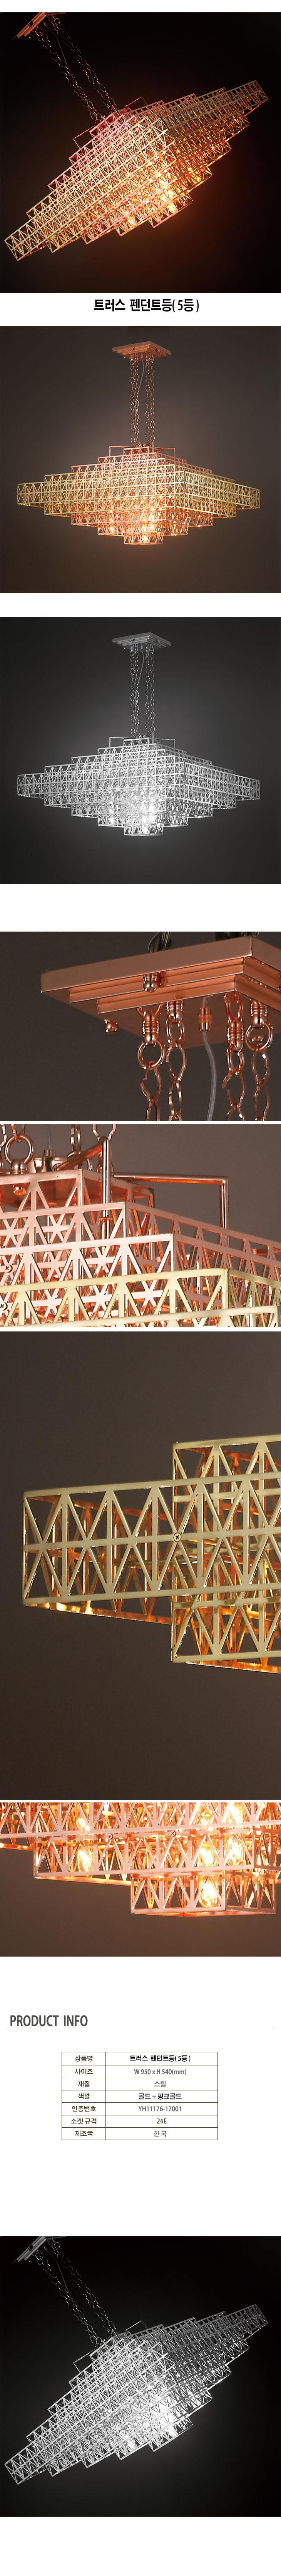 트러스 펜던트등(5등) - 하우스코디, 4,180,000원, 디자인조명, 팬던트조명